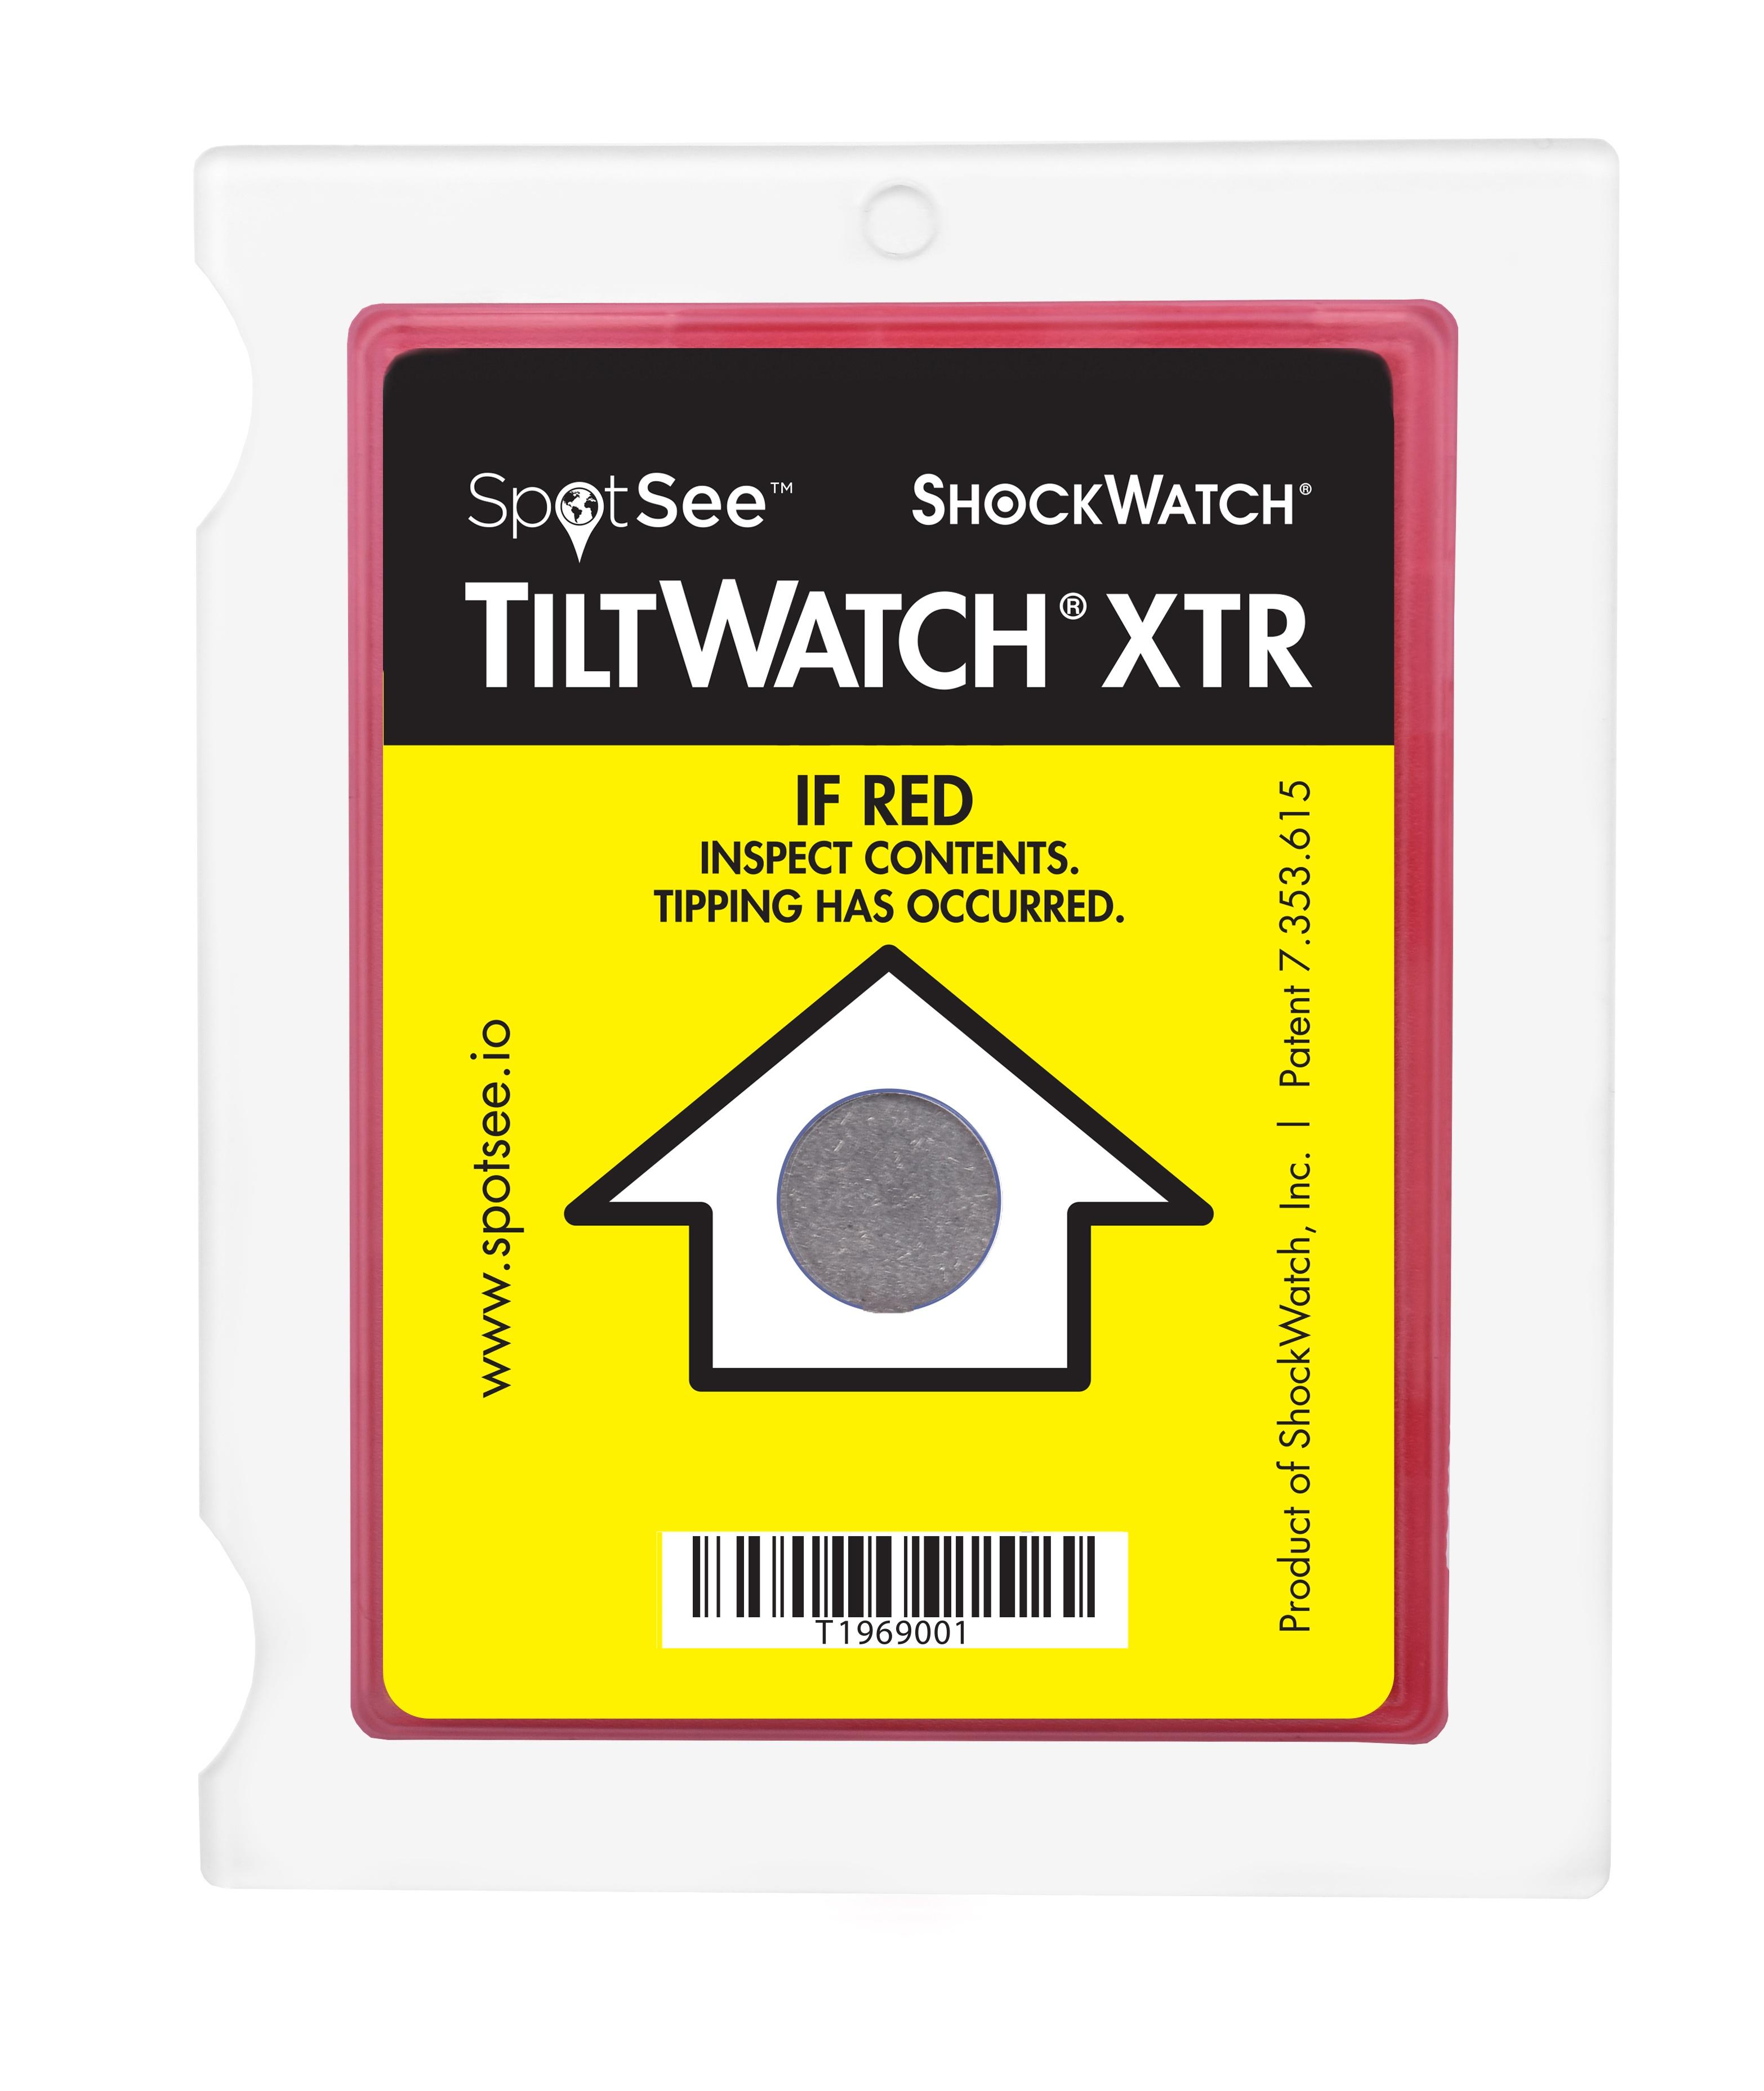 TiltWatch XTR.jpg